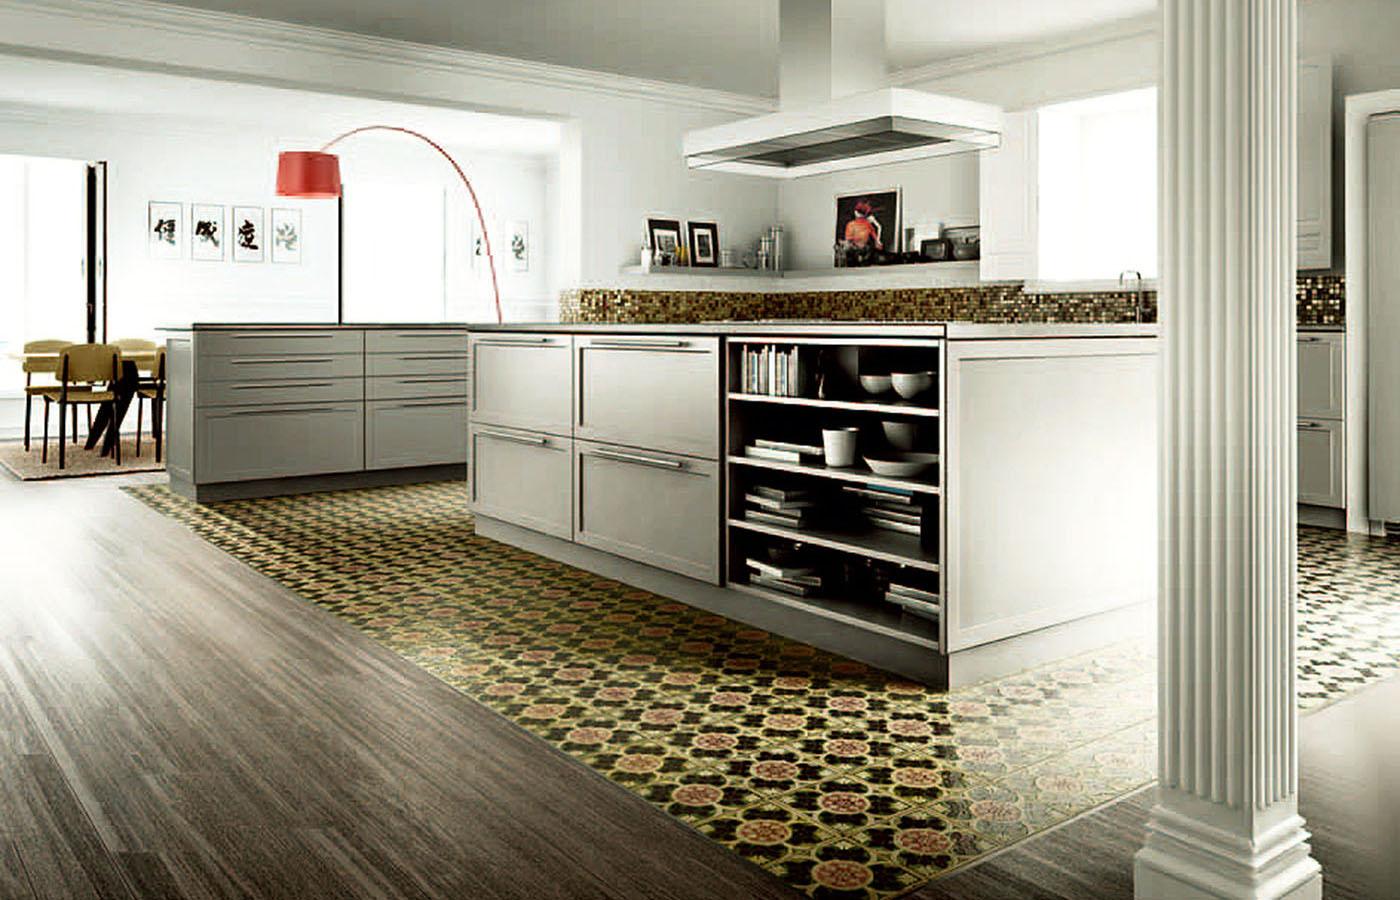 cocinas modernas cocinas rusticas melamina muebles de cocin com wp content uploads muebles de cocina